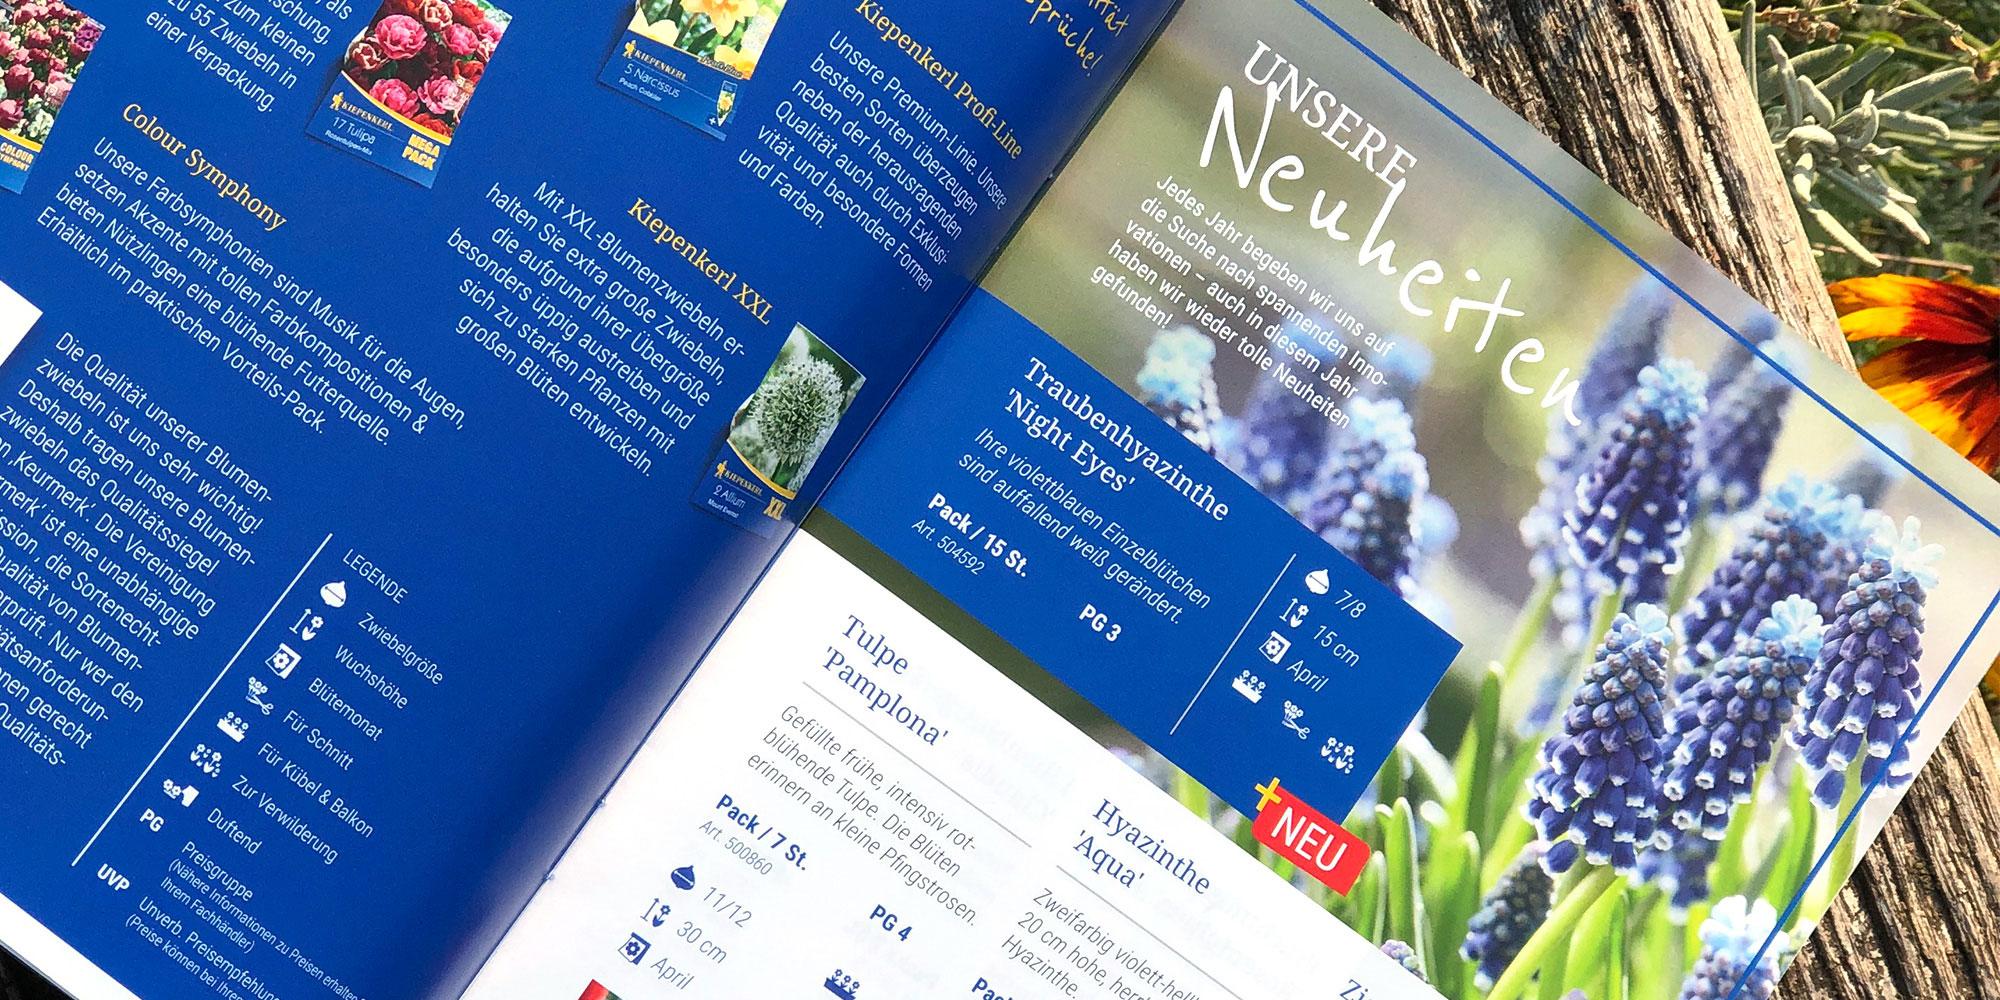 Legende und Neuheiten der Kiepenkerl Blumenzwiebelbroschüre